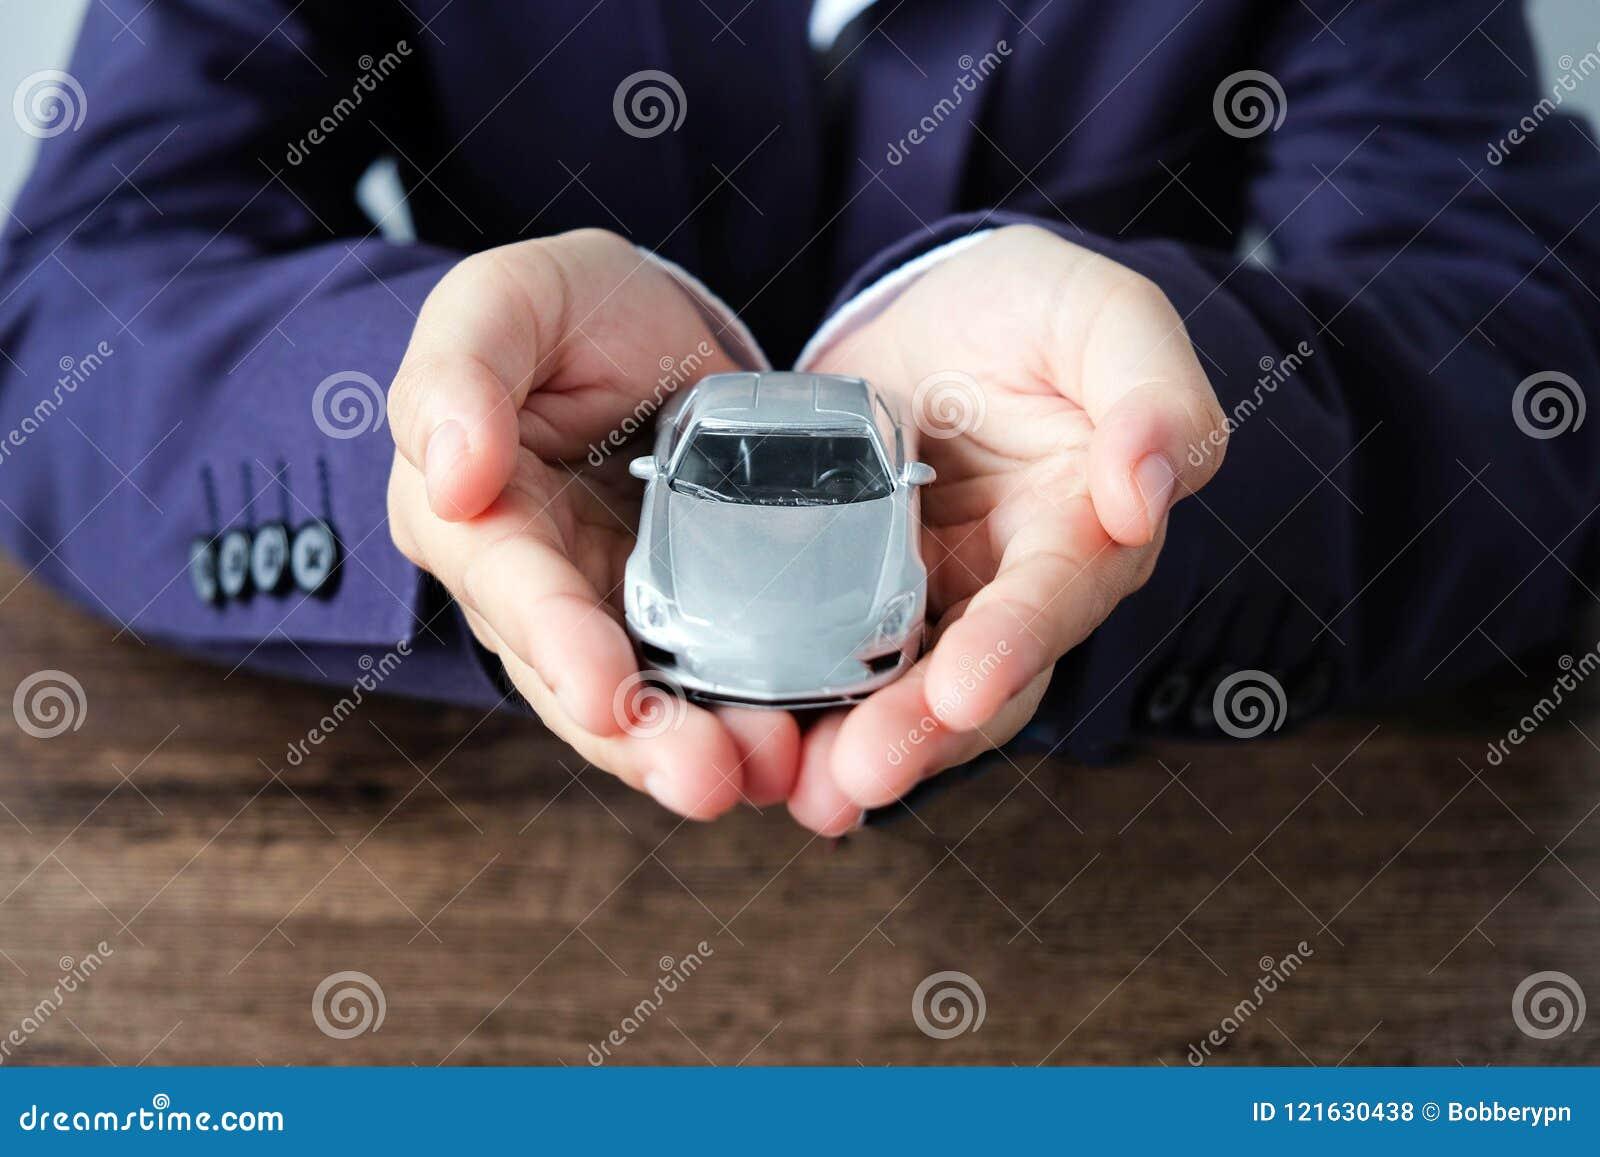 Μικροσκοπικό πρότυπο αυτοκινήτων σε διαθεσιμότητα, αυτόματος αντιπρόσωπος και έννοια ενοικίου